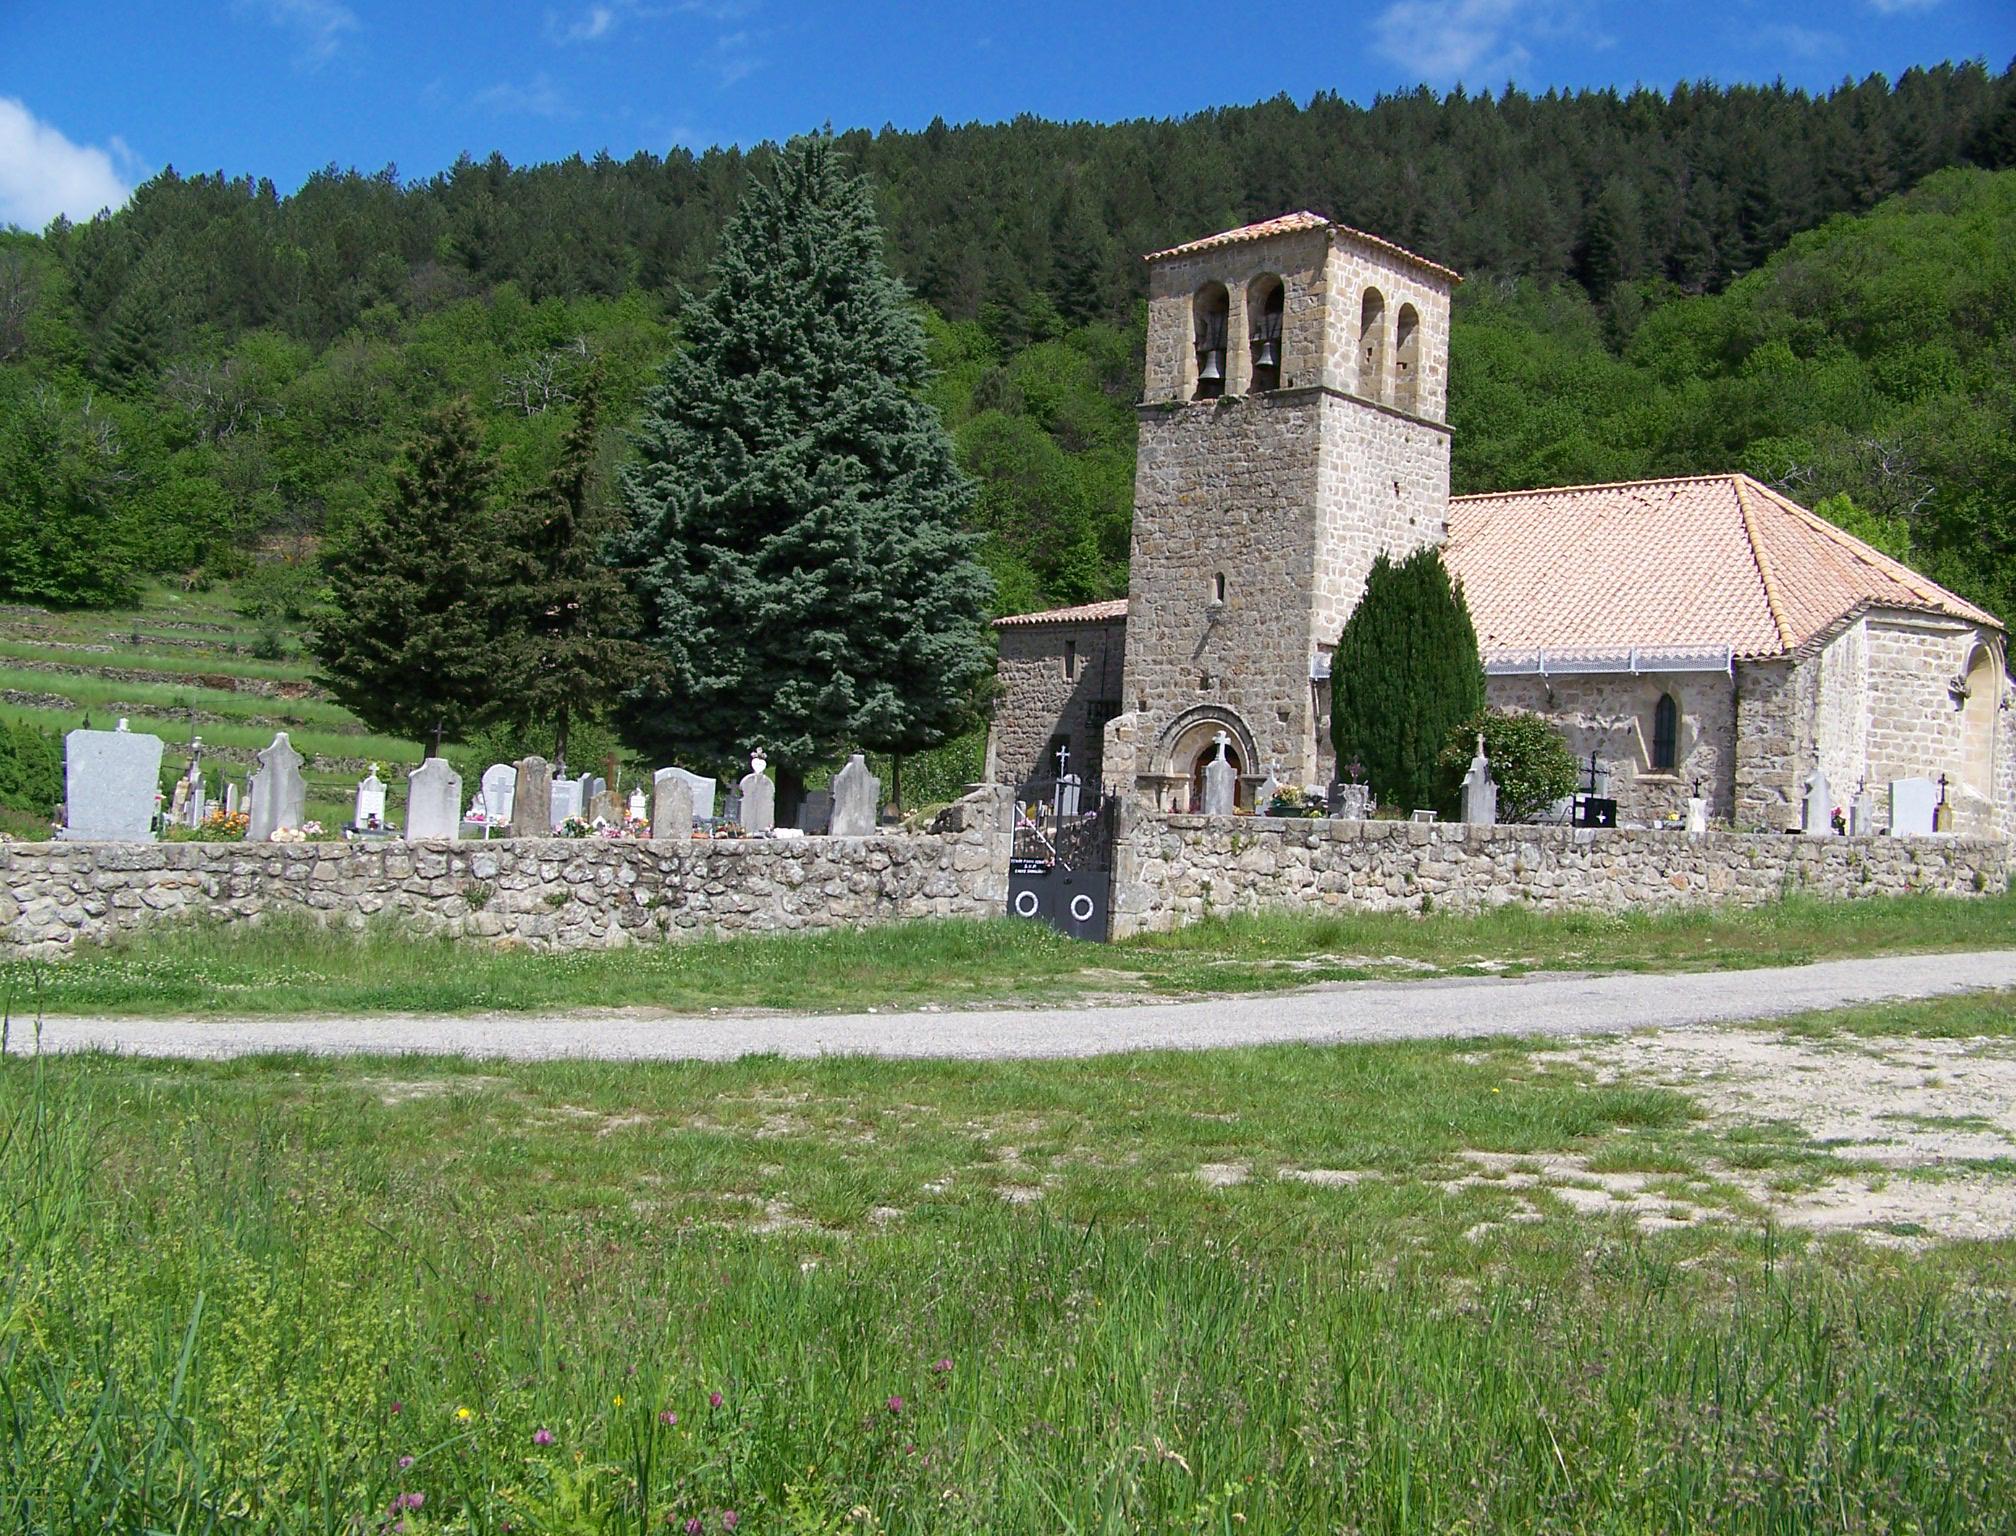 Restauration de la couverture en lauzes de l'église romane (Prunet, Ardèche)